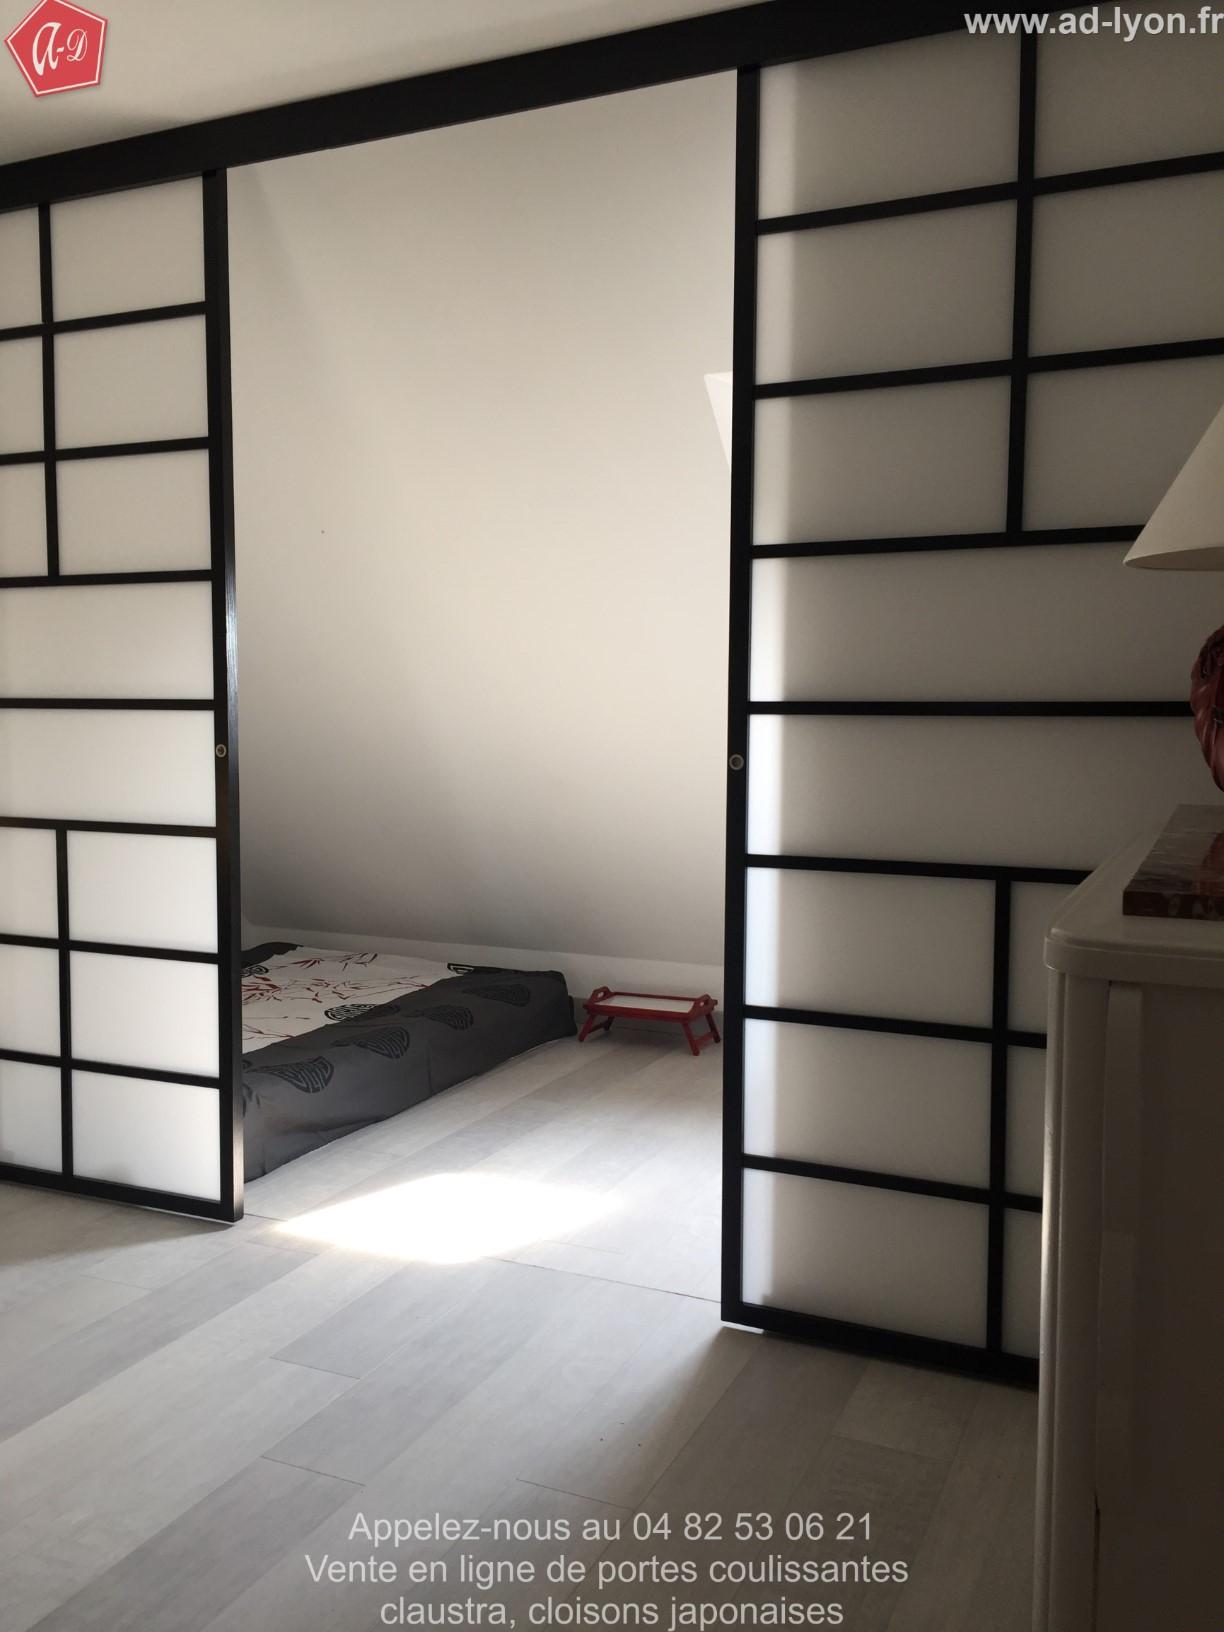 Cloison Japonaise Et Porte Coulissante Sur Mesure Sangatsu